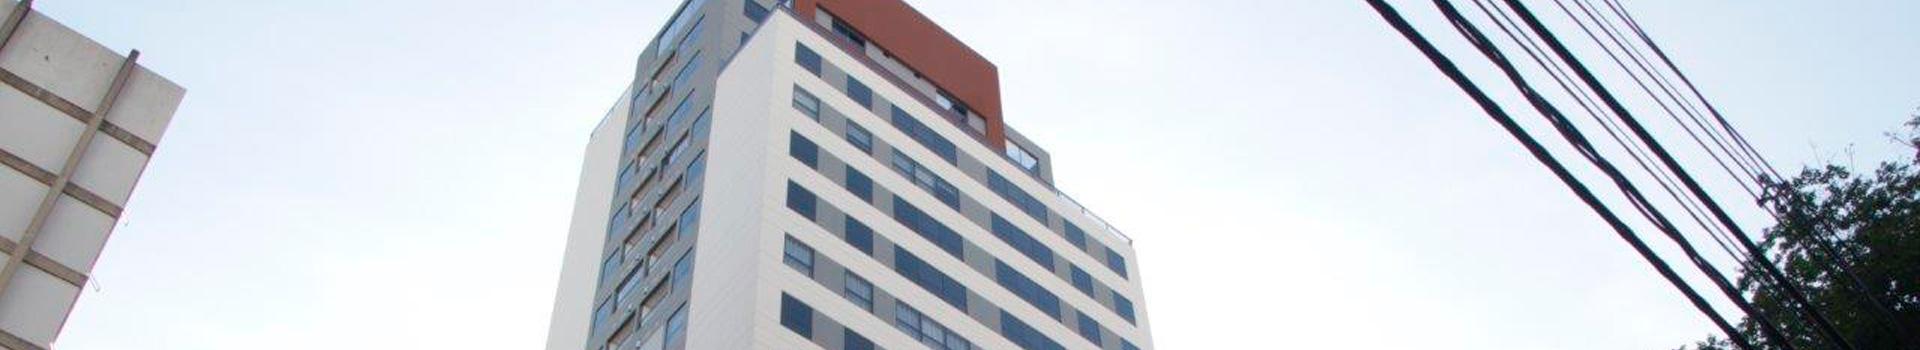 MAXHAUS VI Área Construída: 7.766m² - Cambuí - Campinas / SP